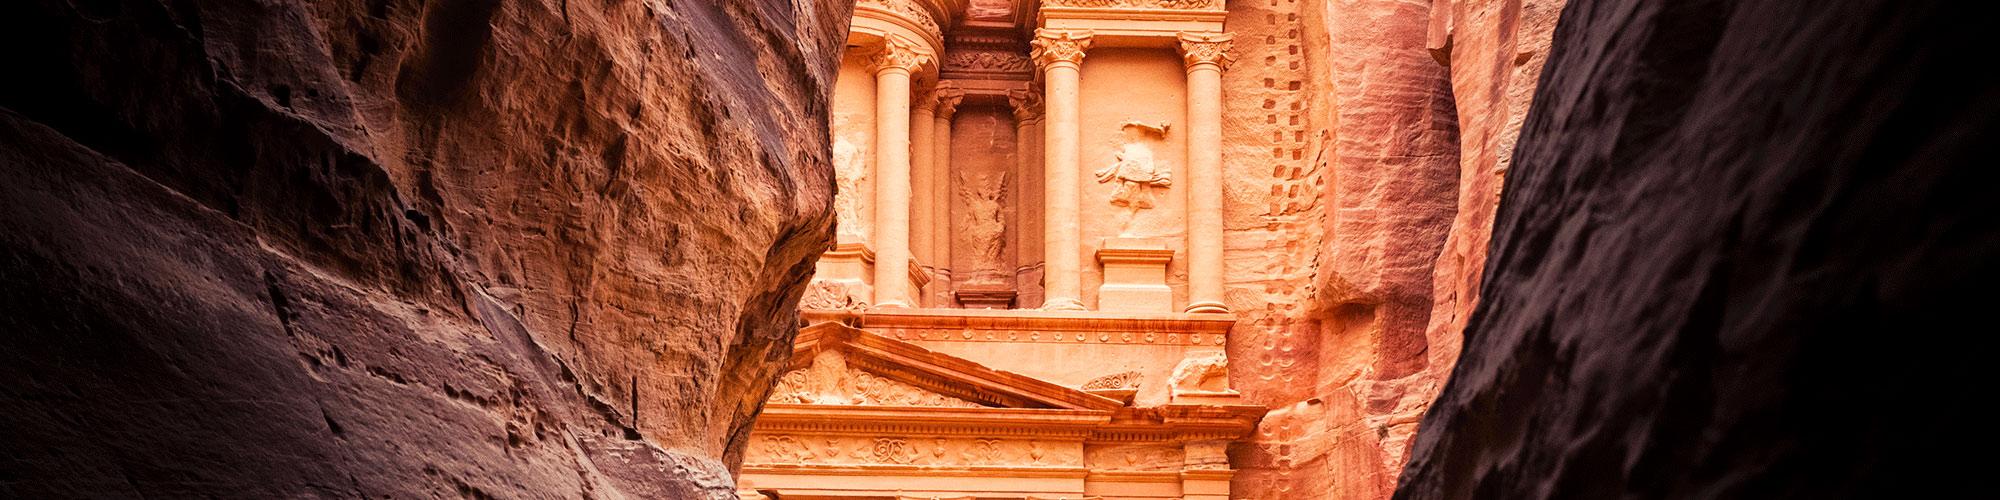 Viajes Jordania - El País Viajes